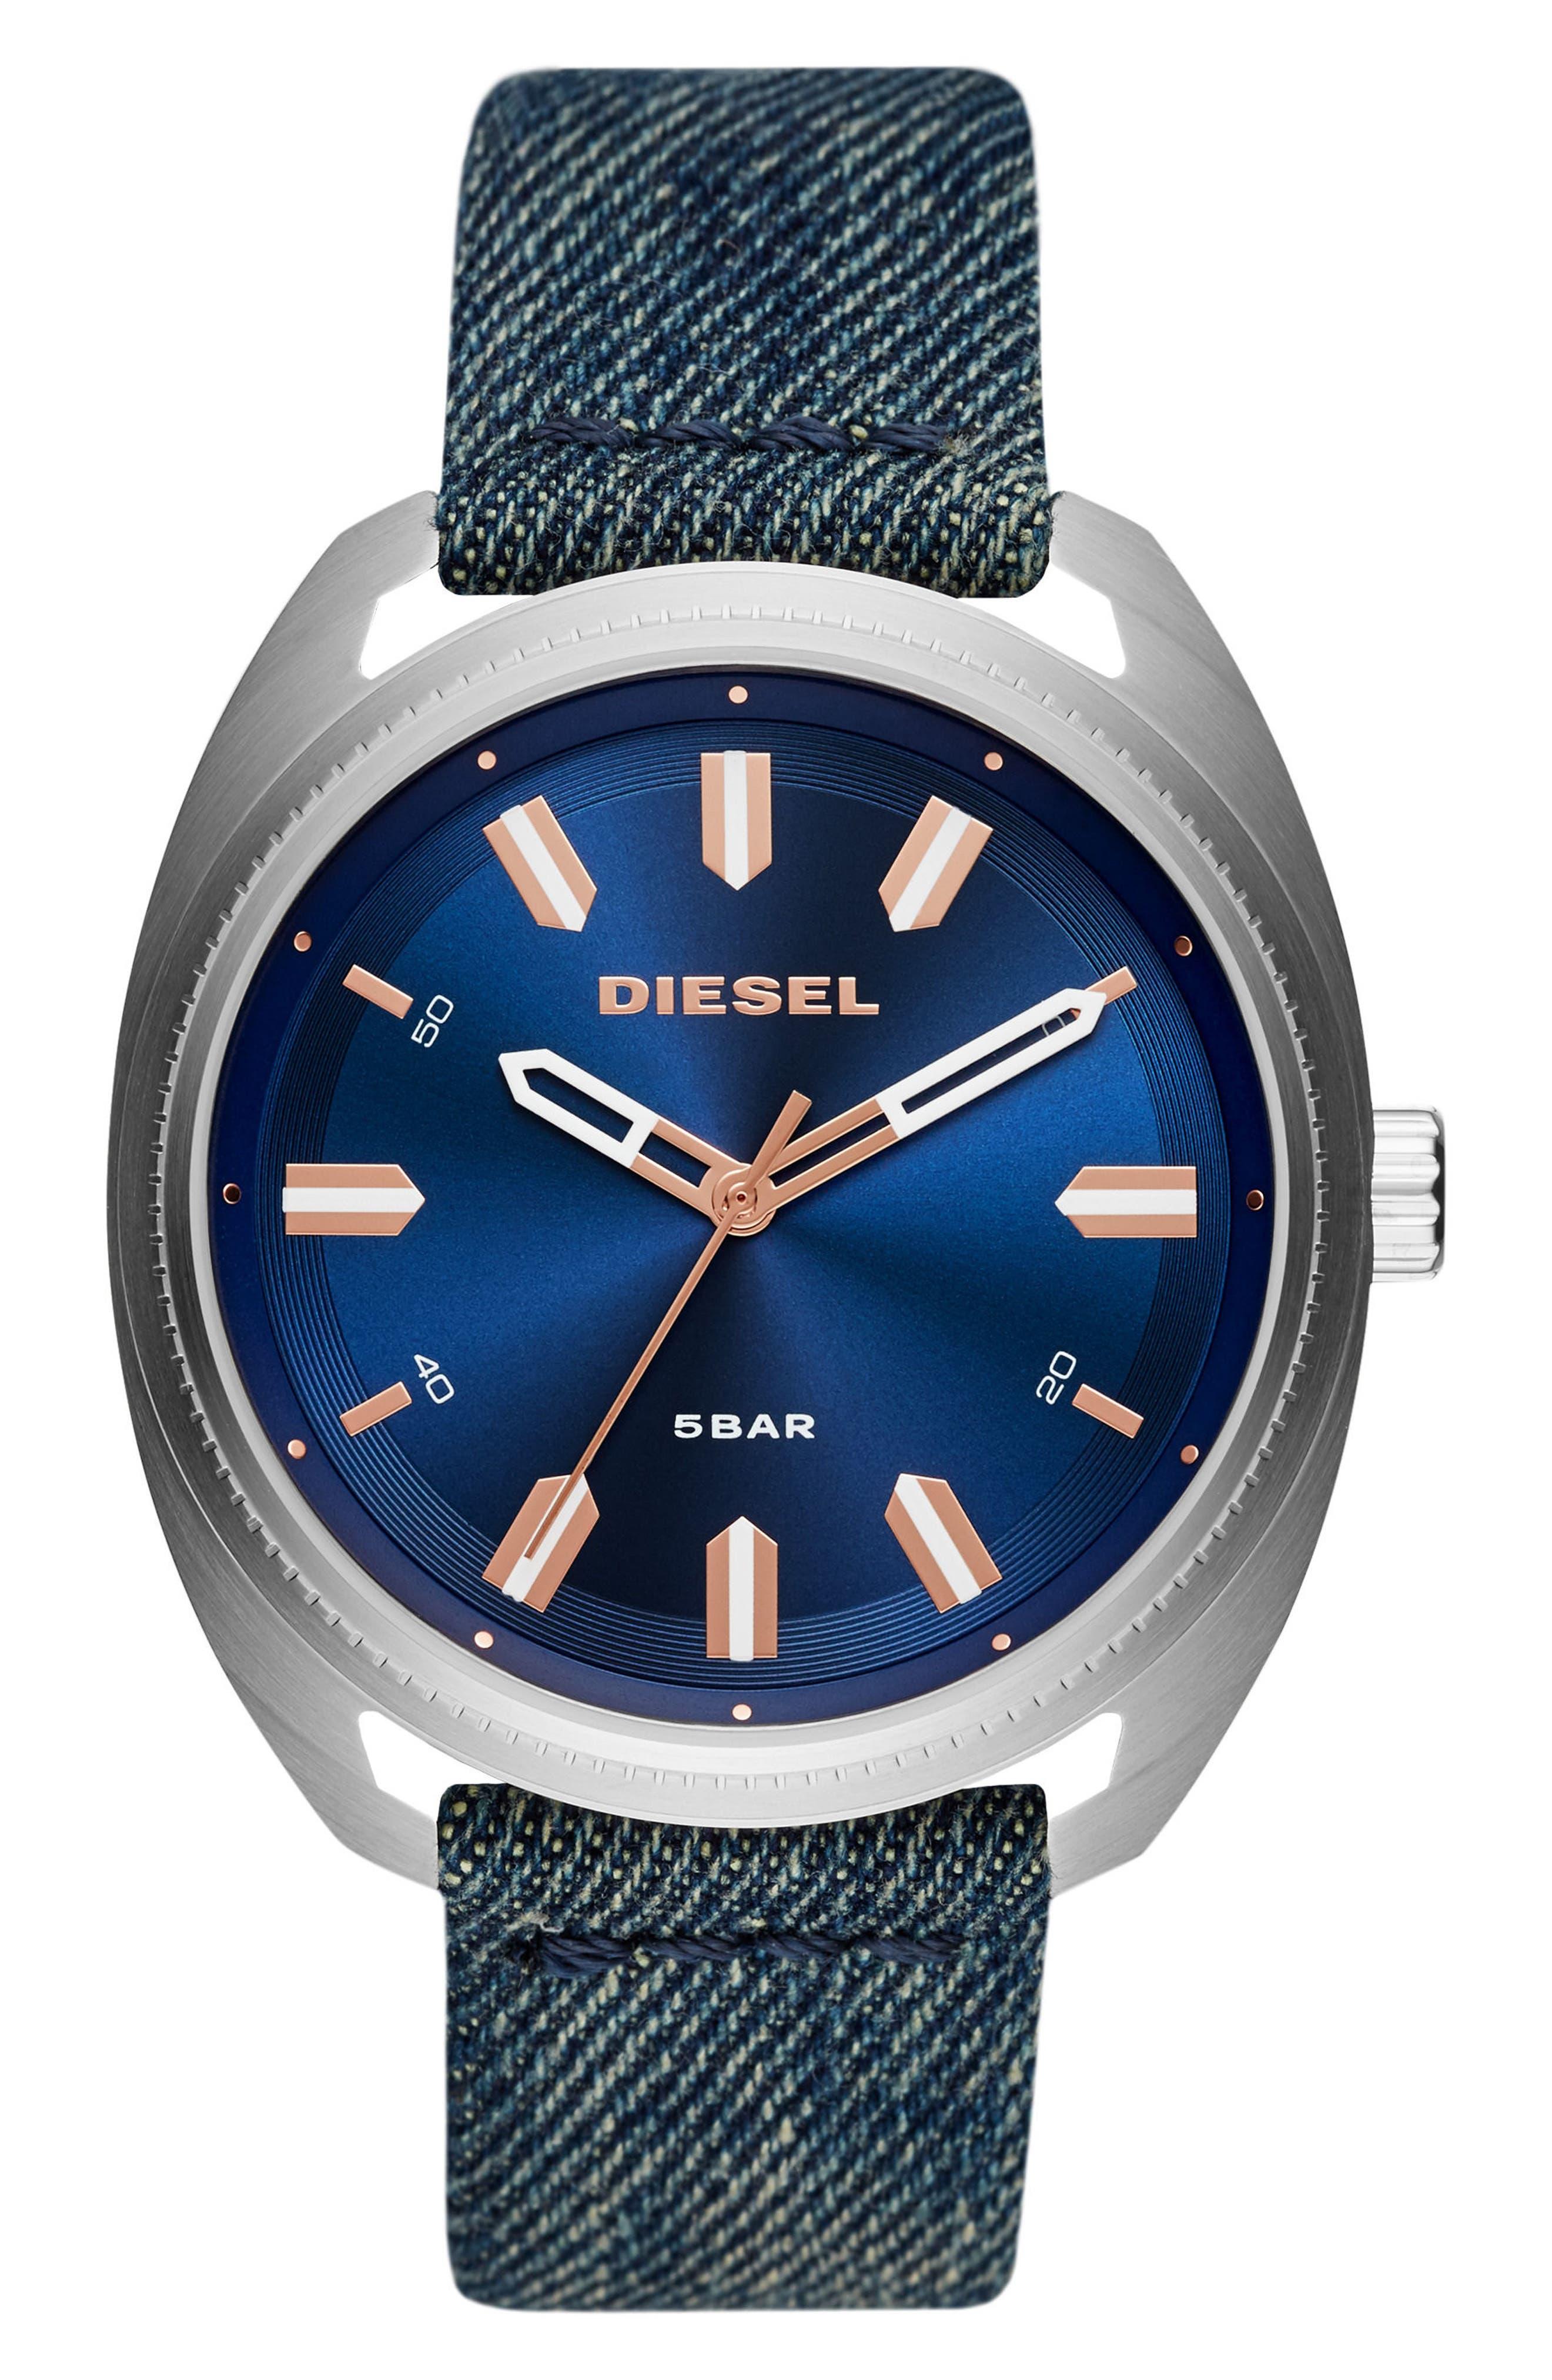 DIESEL® Fastbak Denim Strap Watch, 46mm x 52mm